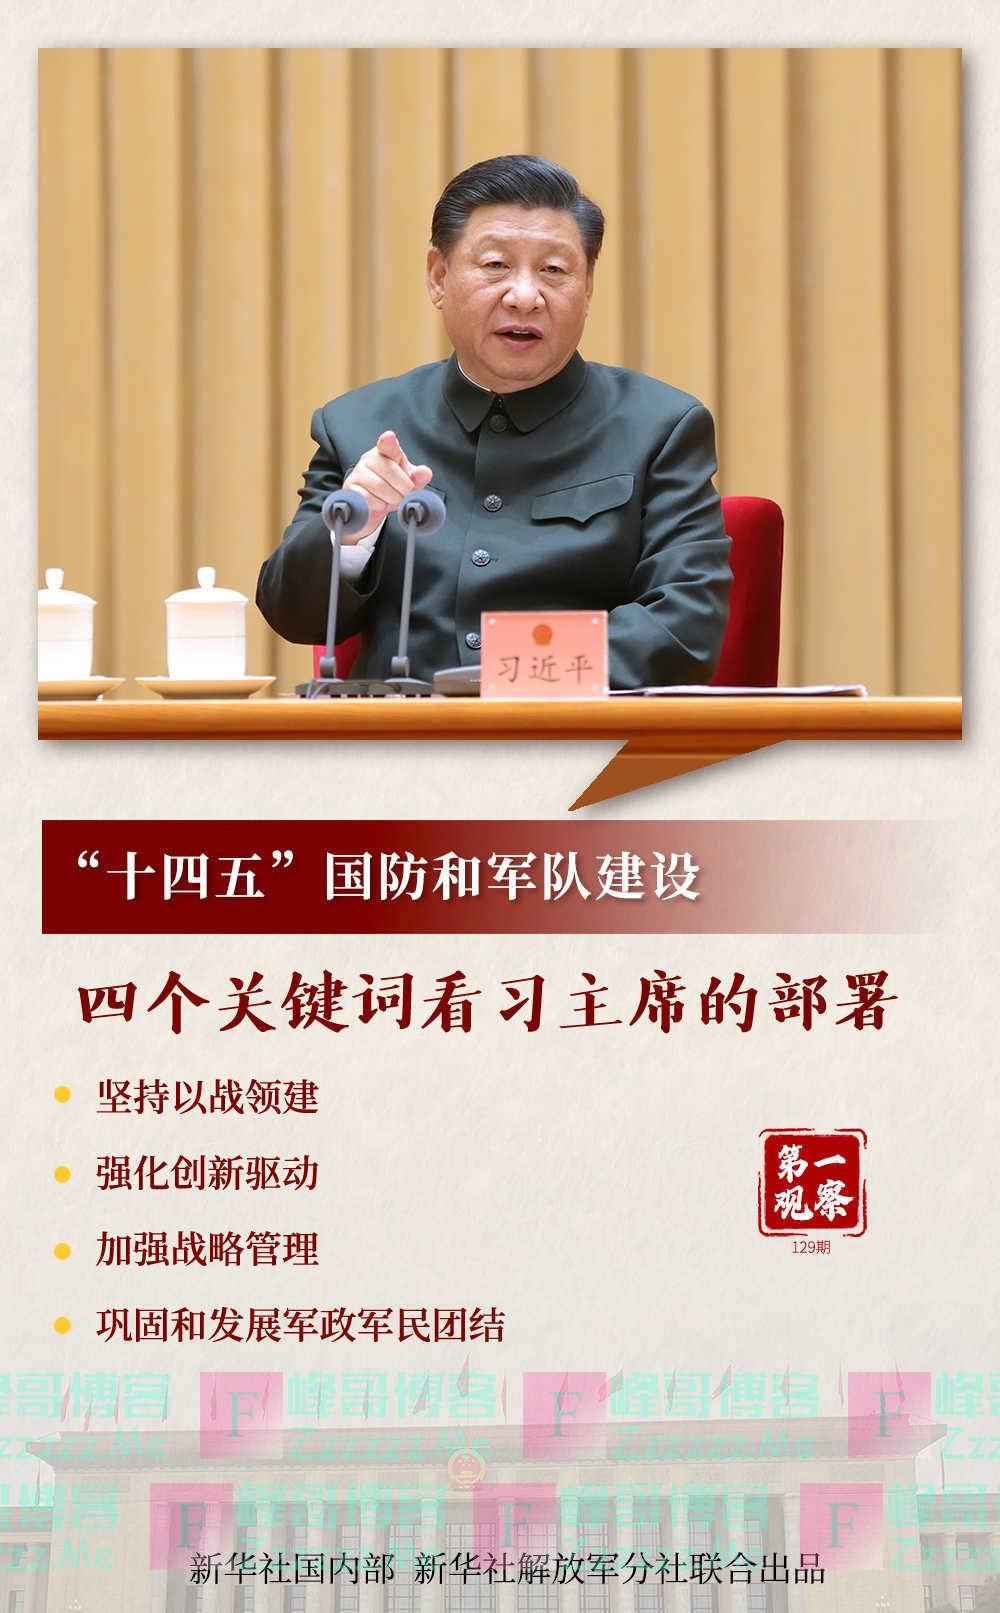 四个关键词看习主席部署国防军队建设